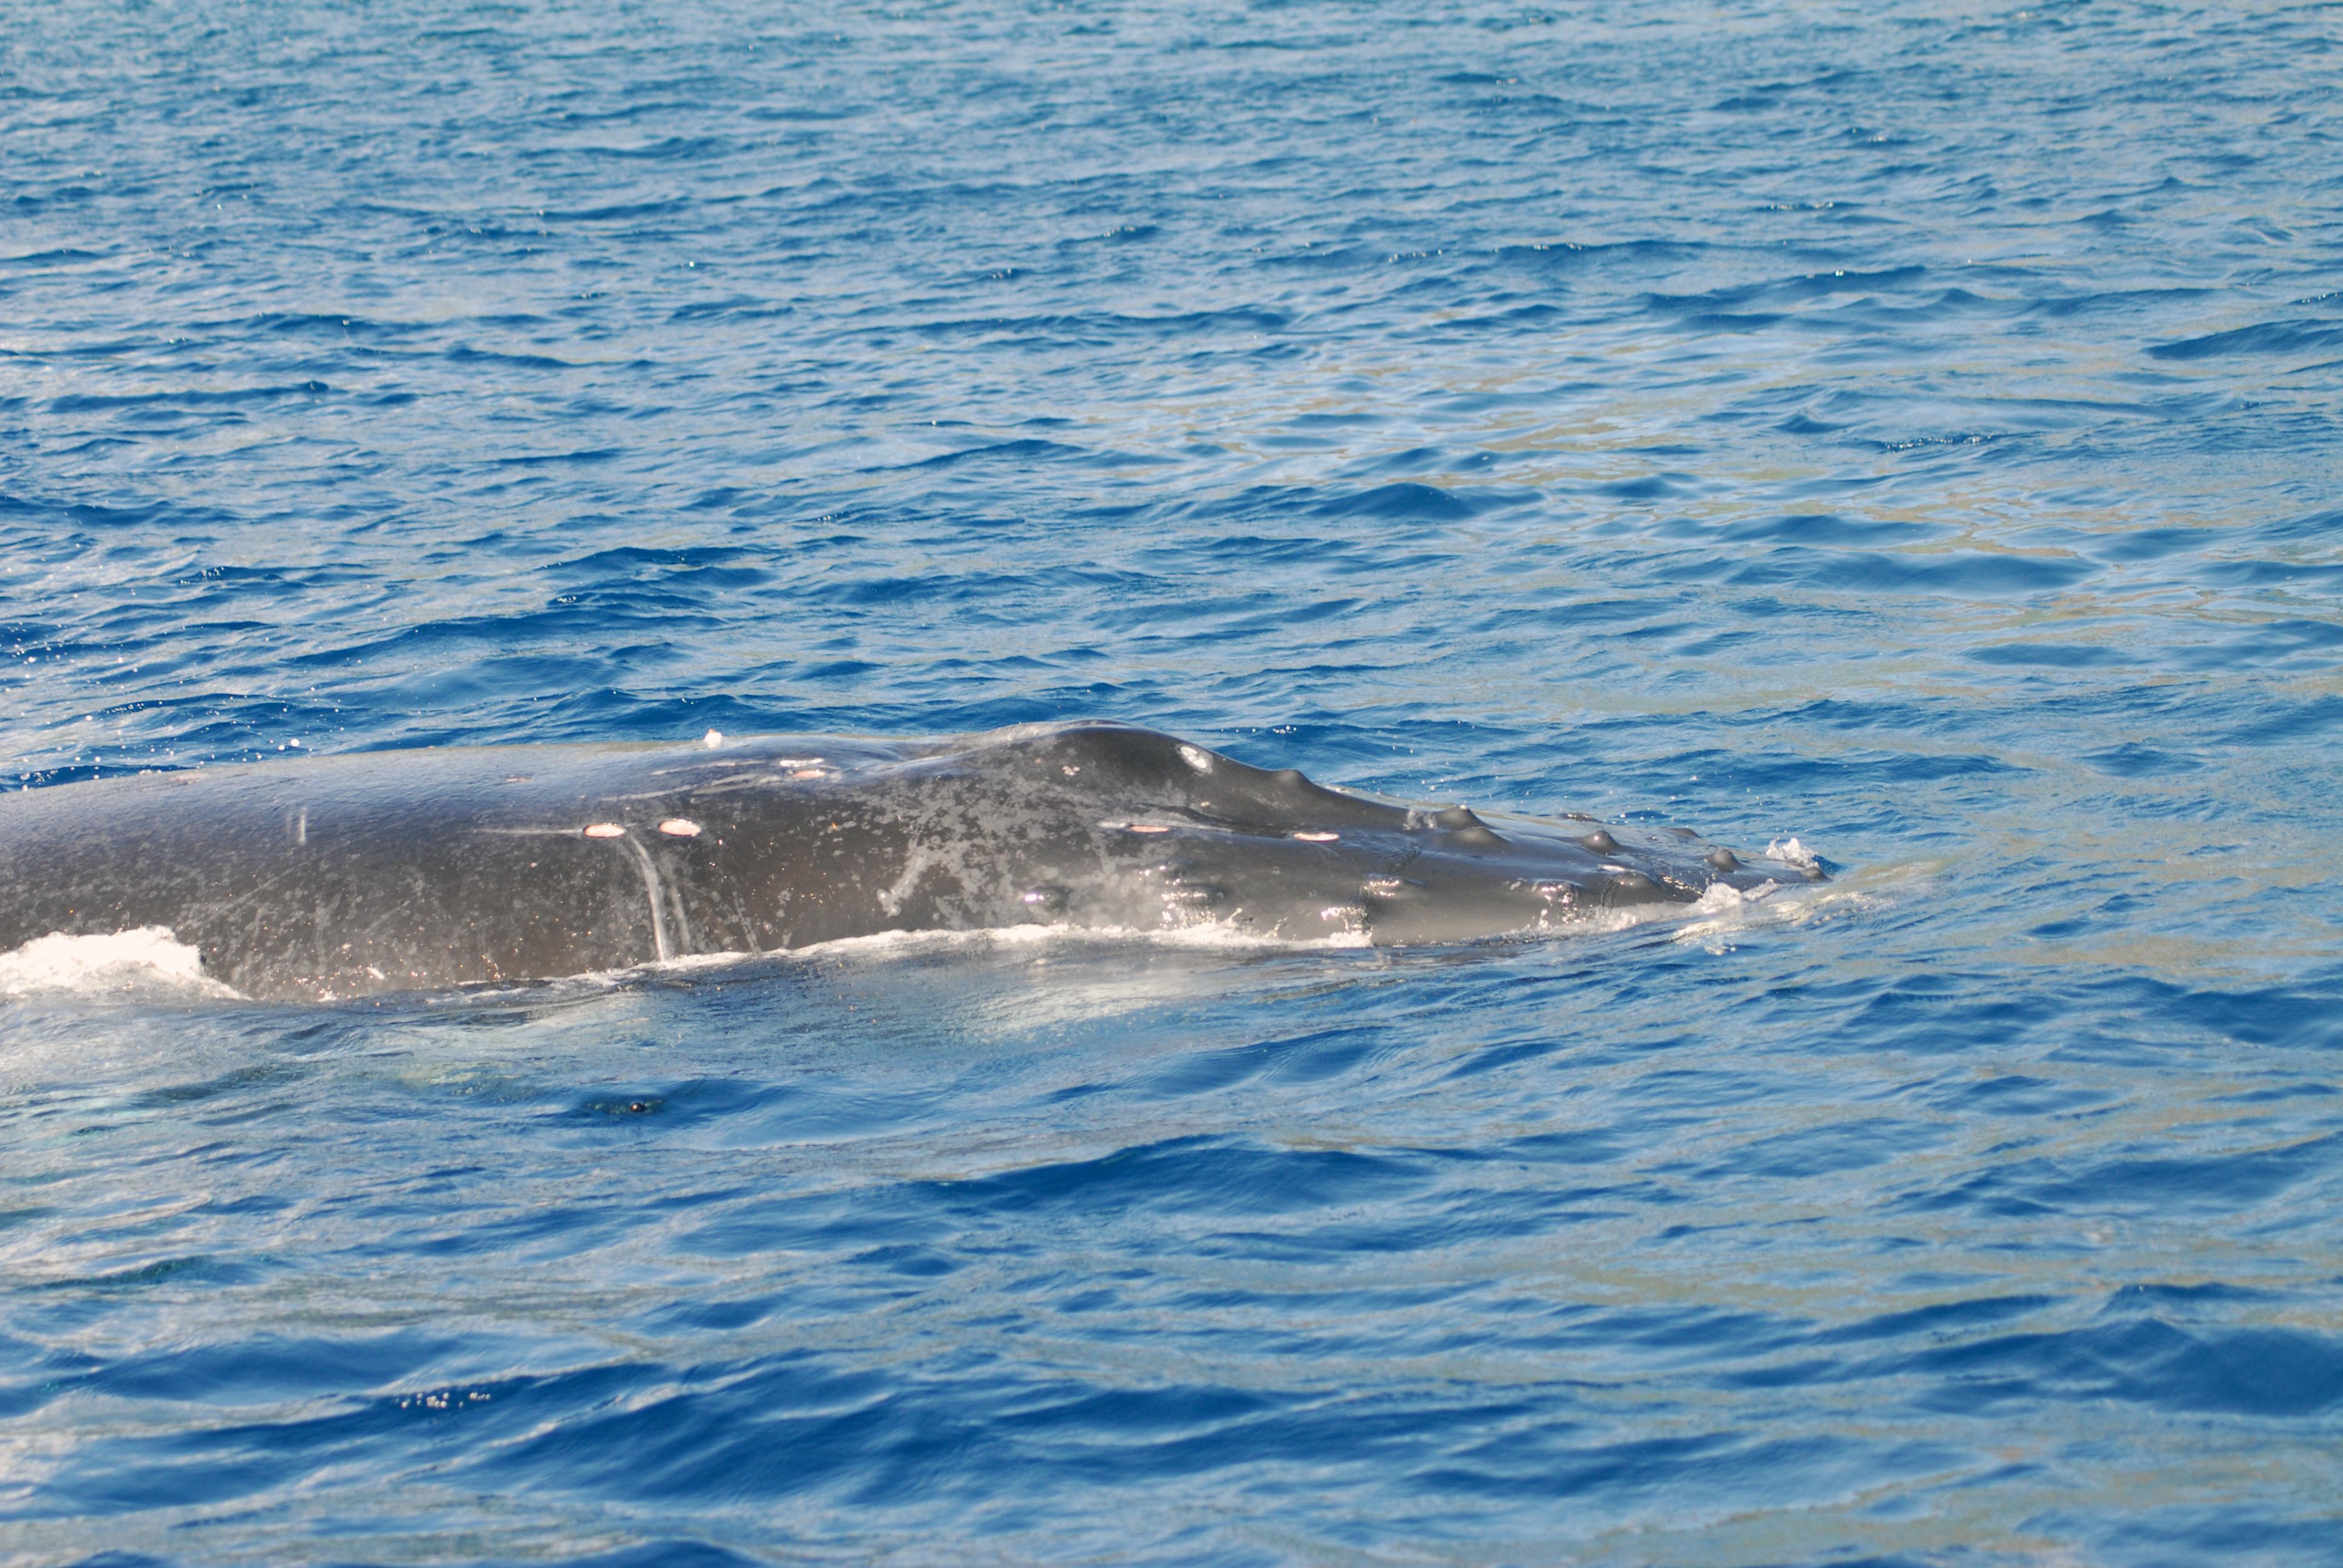 La première baleine à bosse des Îles du Vent a été vue aujourd'hui à Moorea, en baie d'Opunohu. (Photo : Michael Poole)